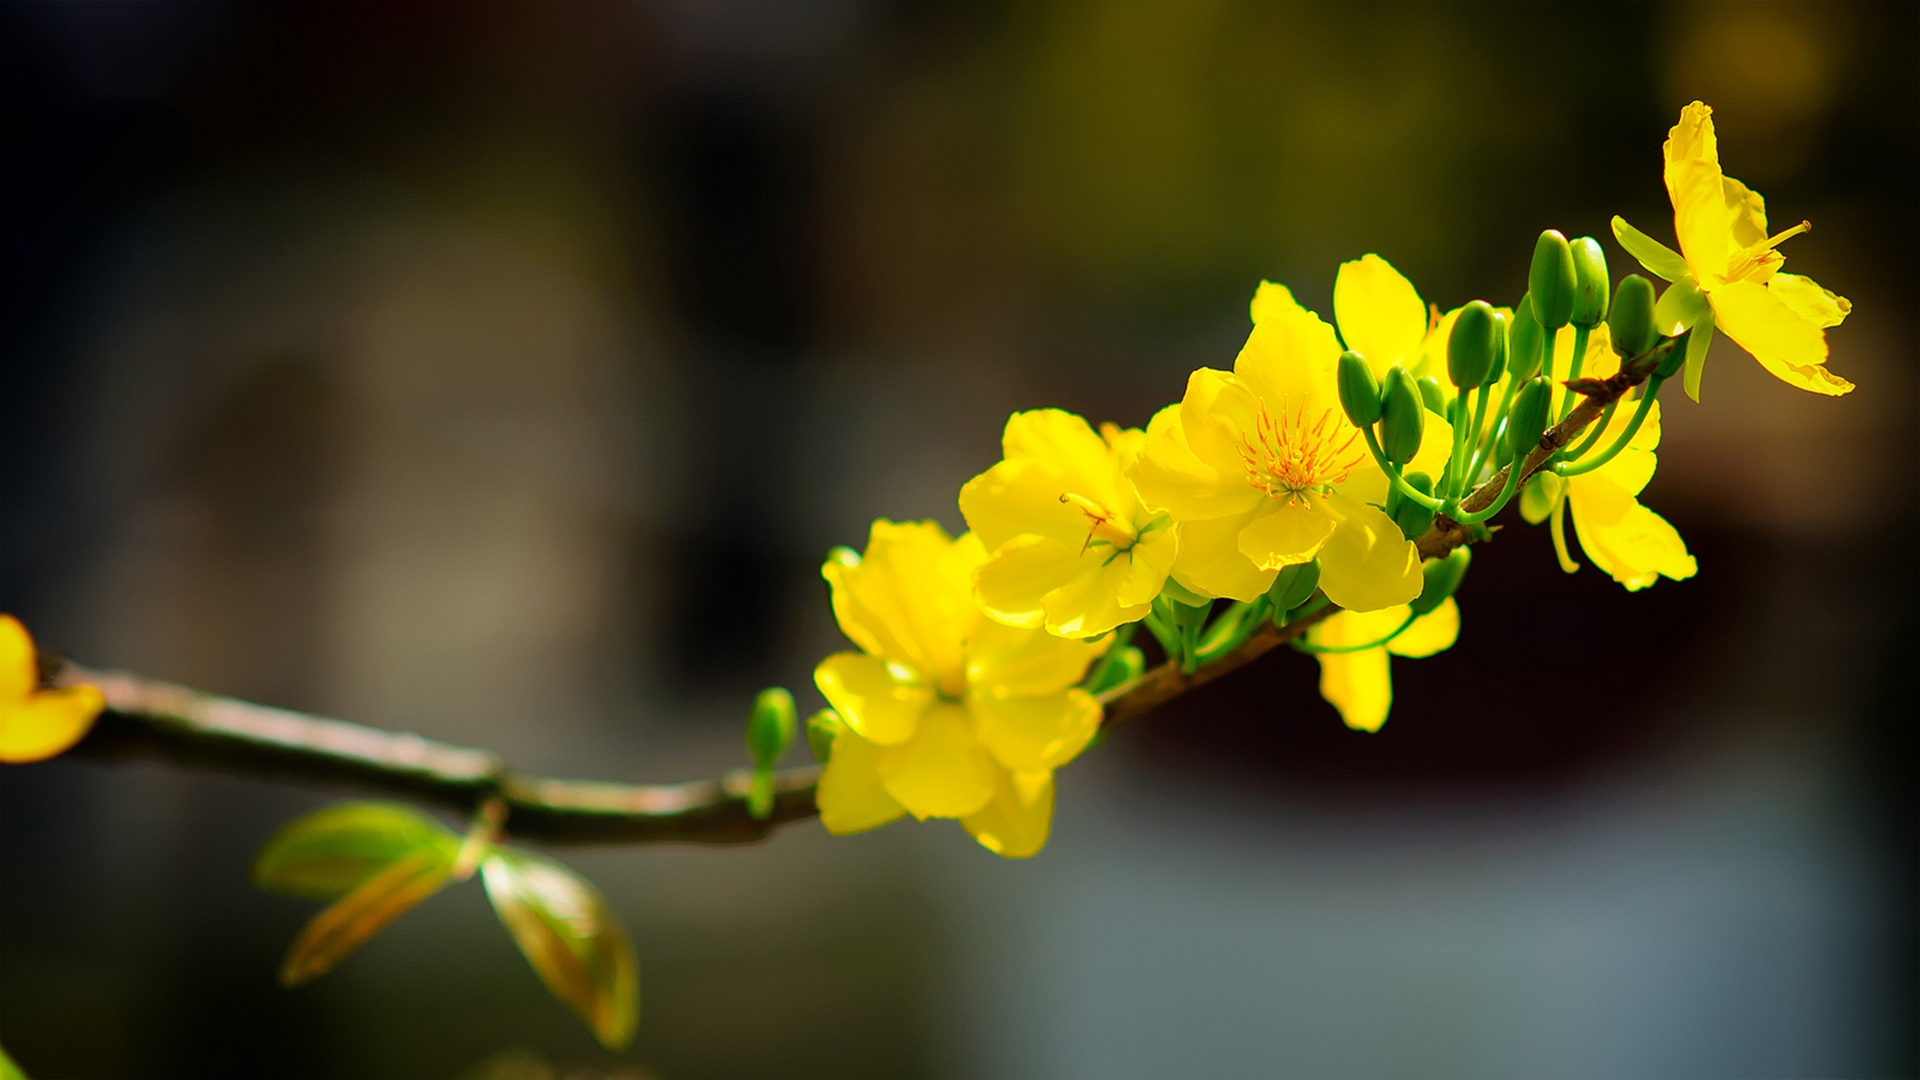 Hoa mai cũng xuất hiện mỗi dịp xuân về